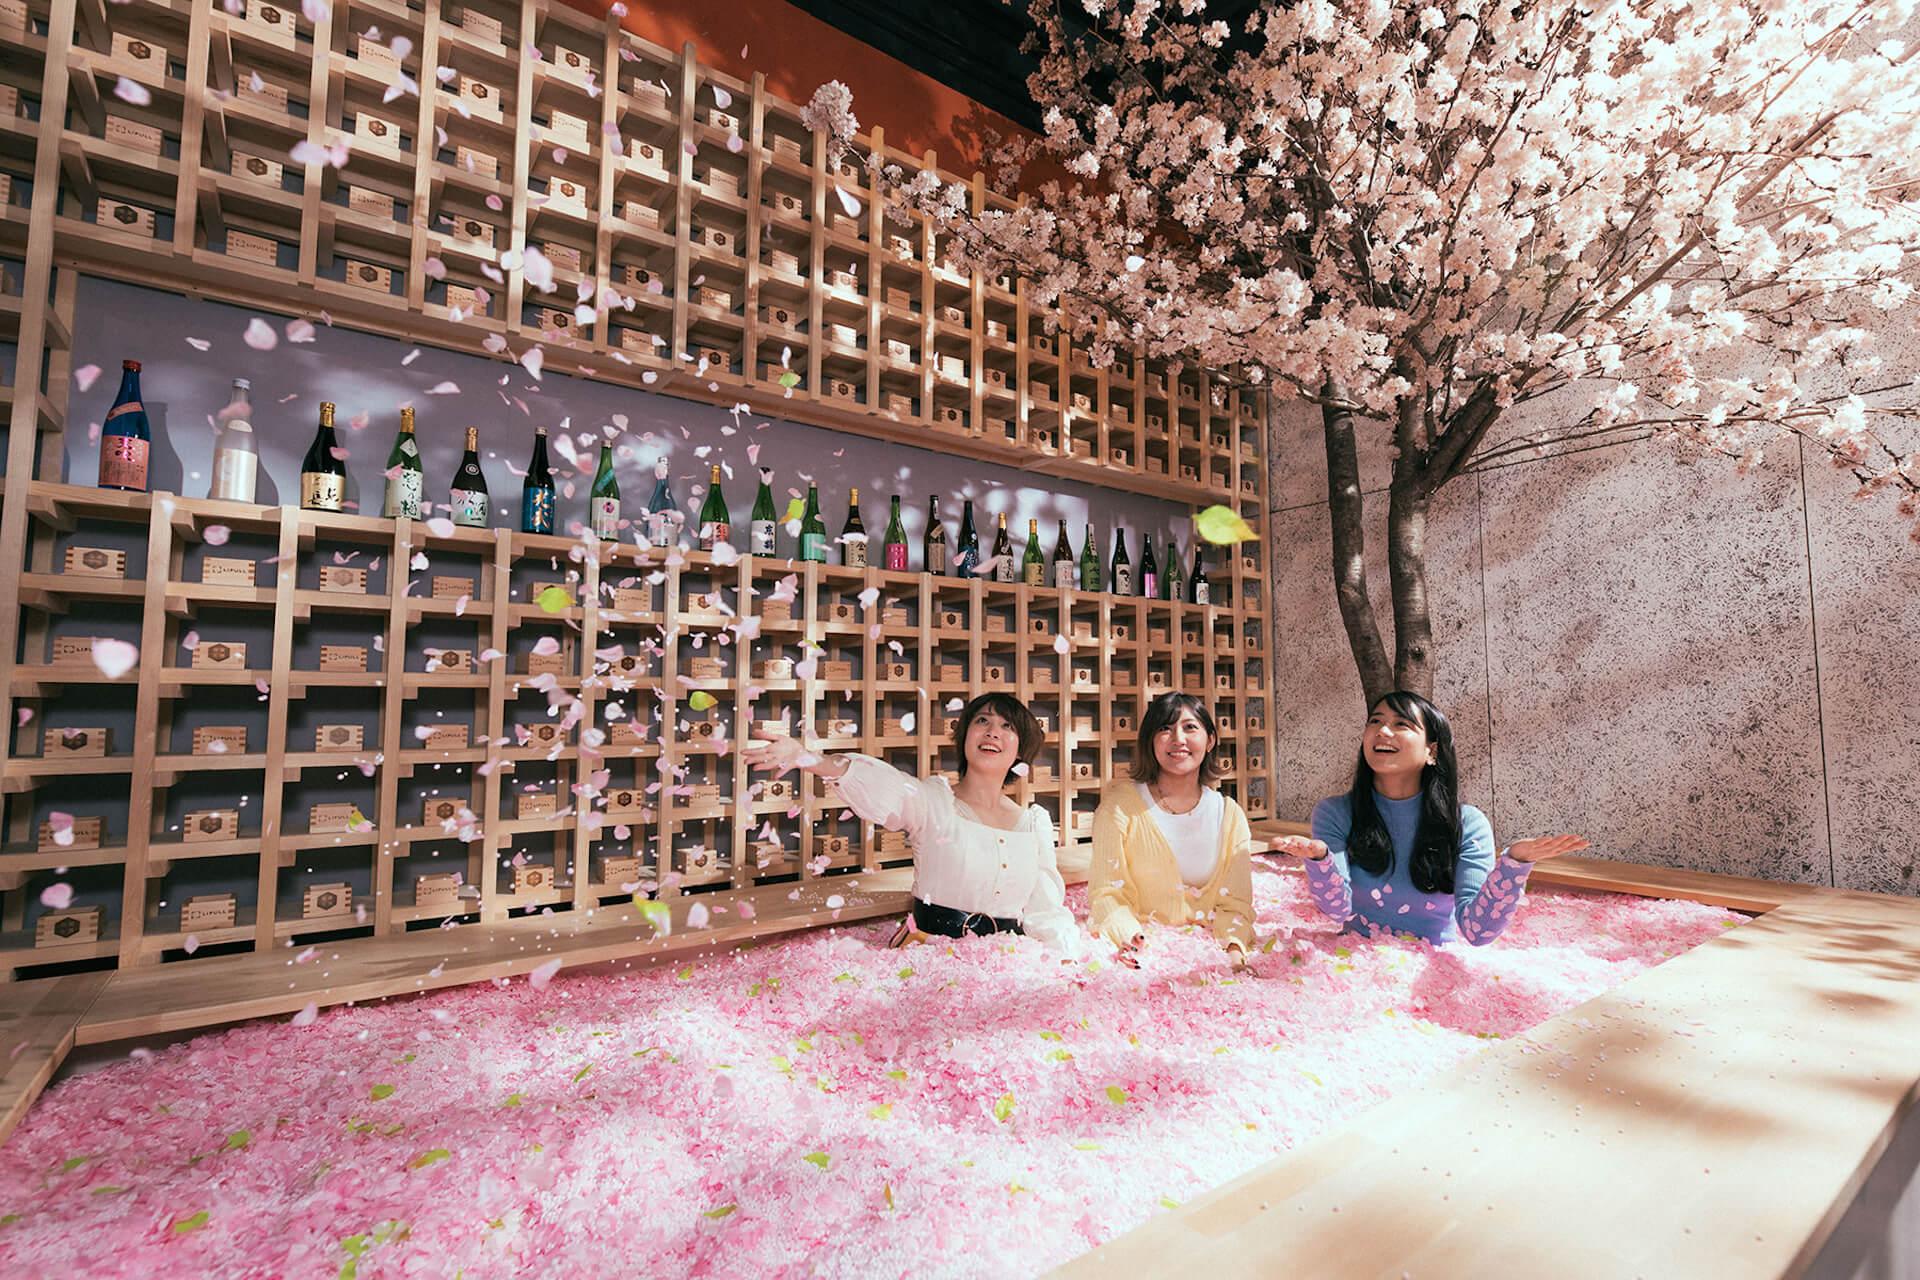 桜風呂や食べられる桜など限定メニューも!インドア花見「SAKURA CHILL BAR」が渋谷で期間限定開催決定 gourmet200218_sakurachill_02